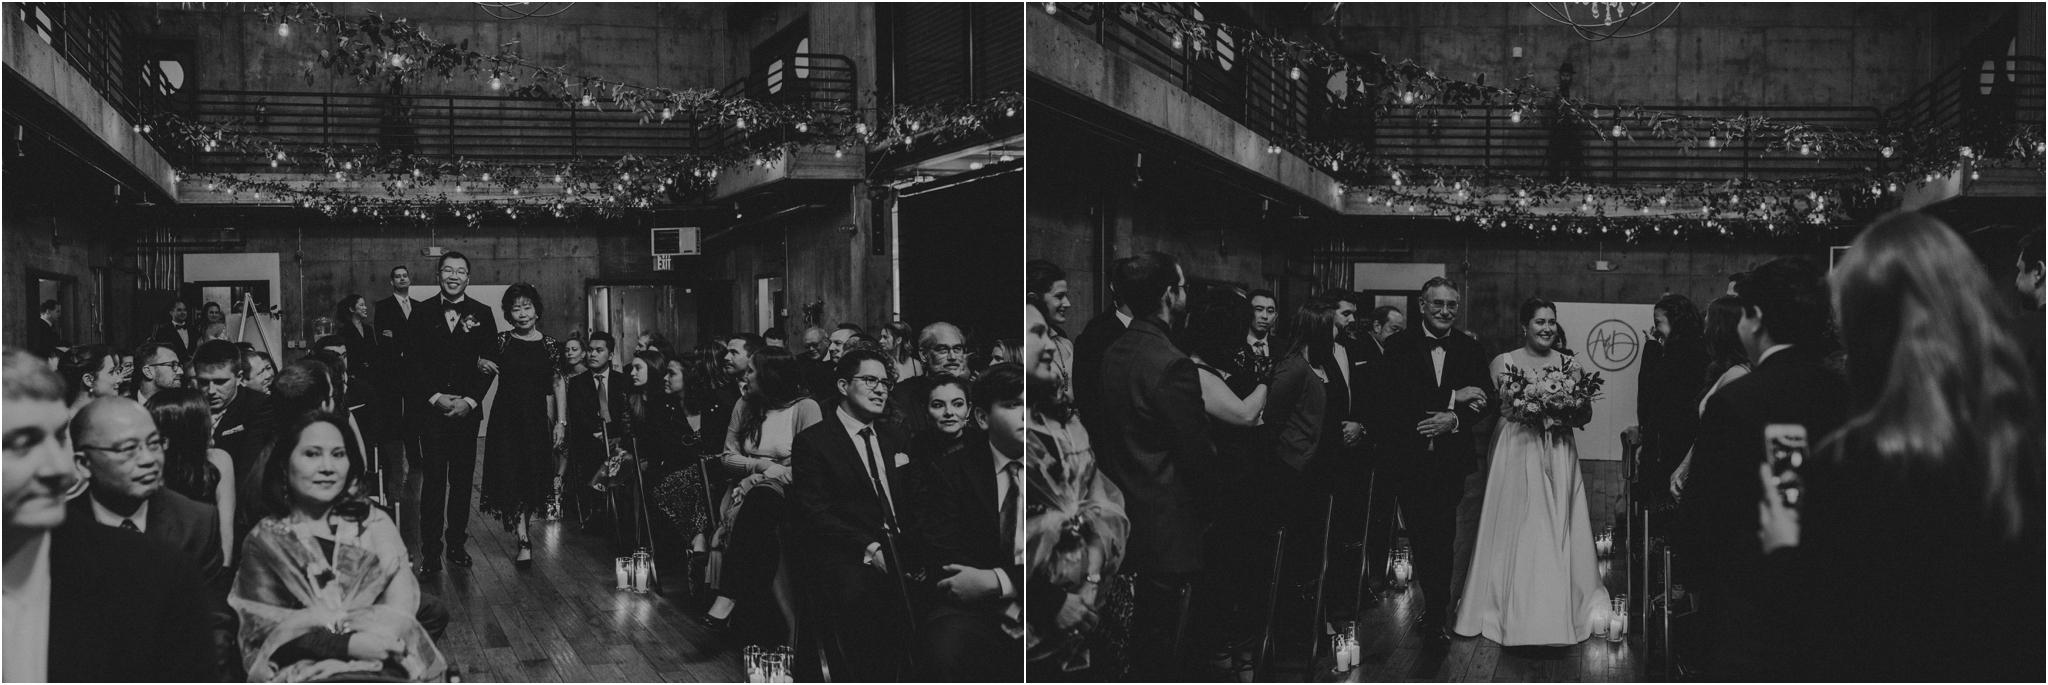 ashley-and-david-fremont-foundry-seattle-washington-wedding-photographer-064.jpg